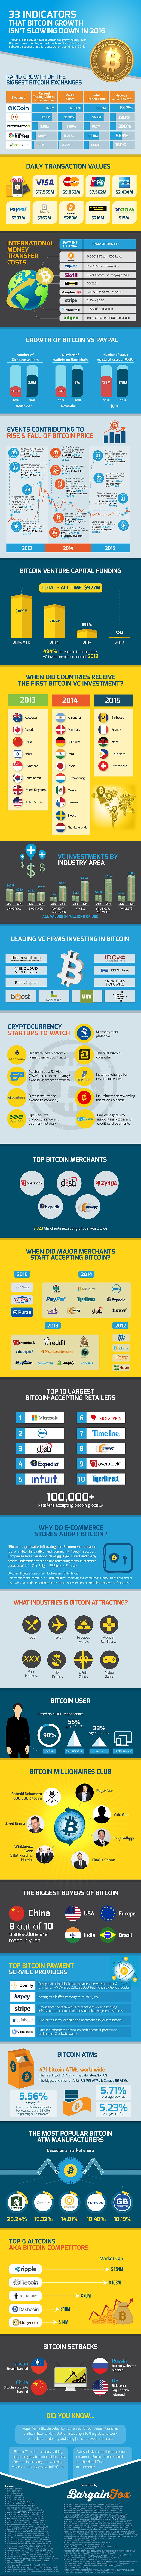 Bitcoin 2016